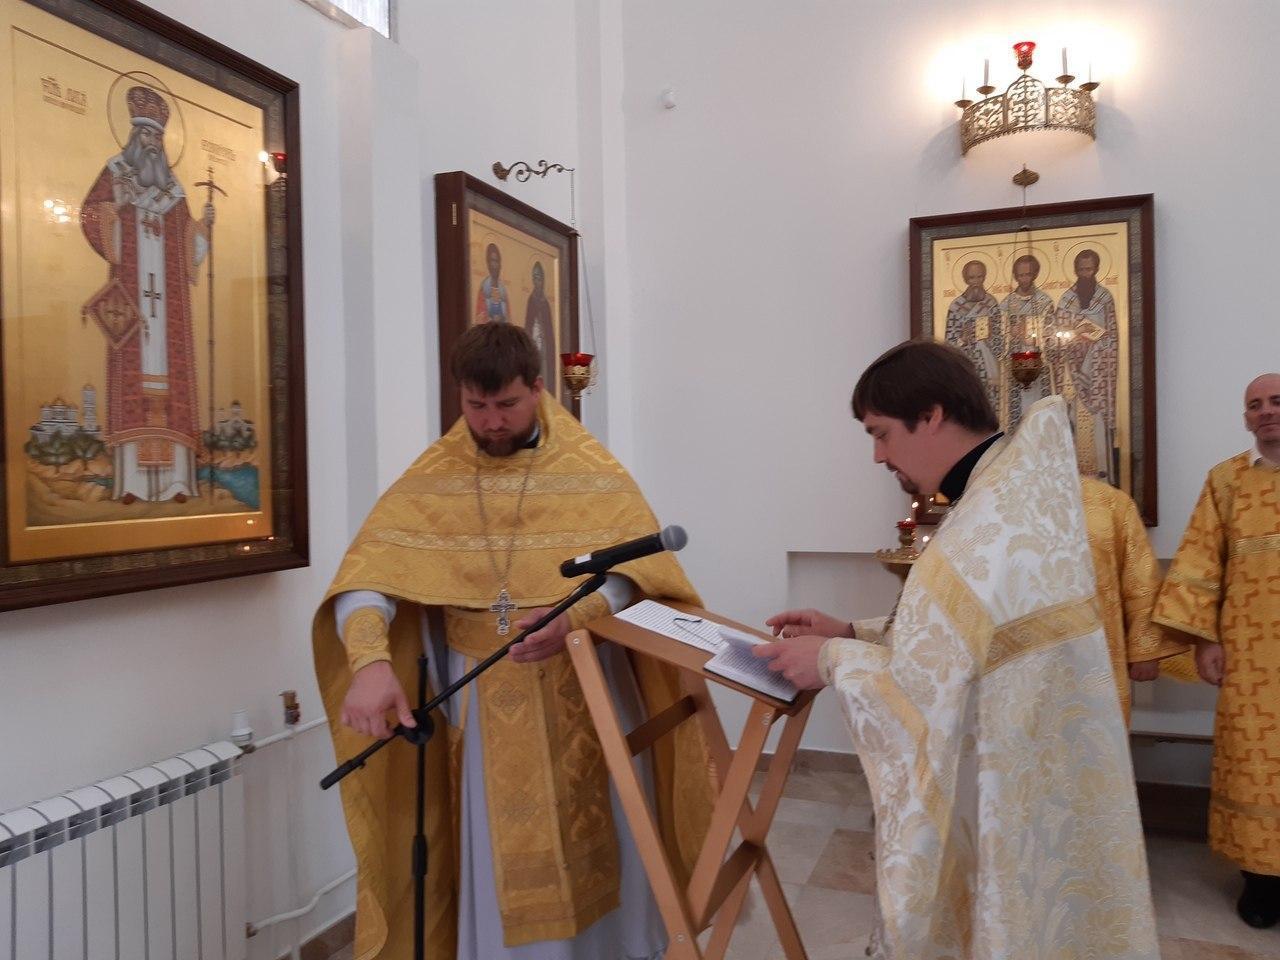 Освящение иконы святителя Луки Крымского состоялось в храме на Покровской